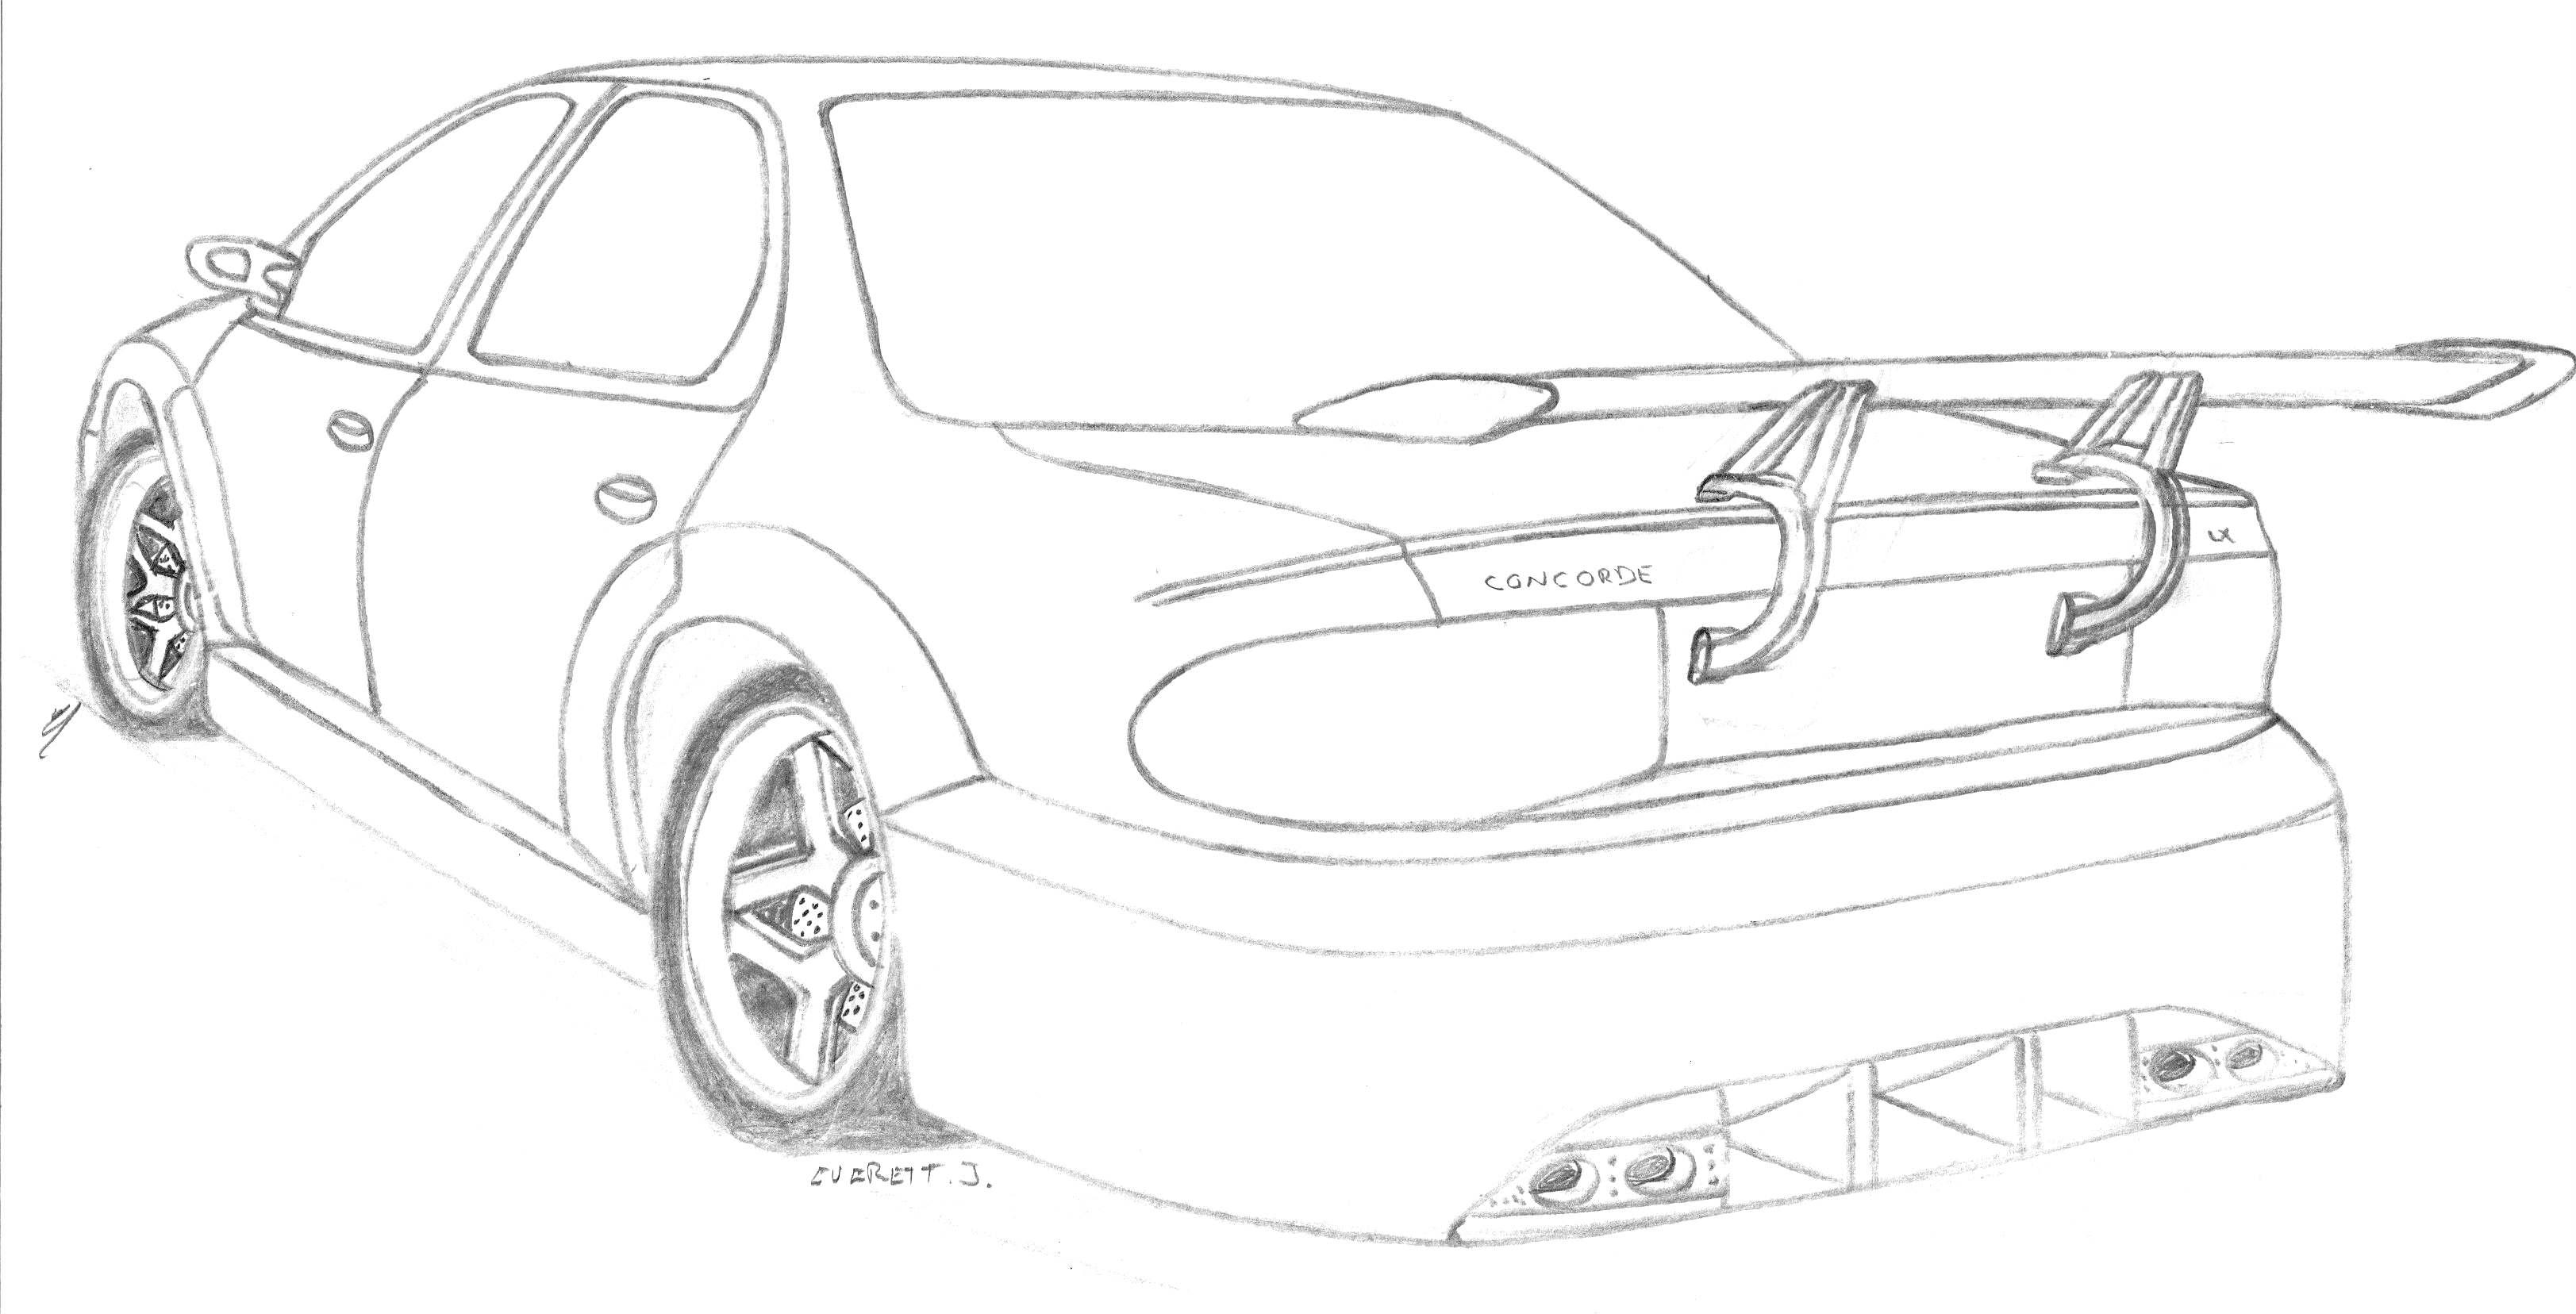 3246x1656 1994 Chrysler Concorde Drift